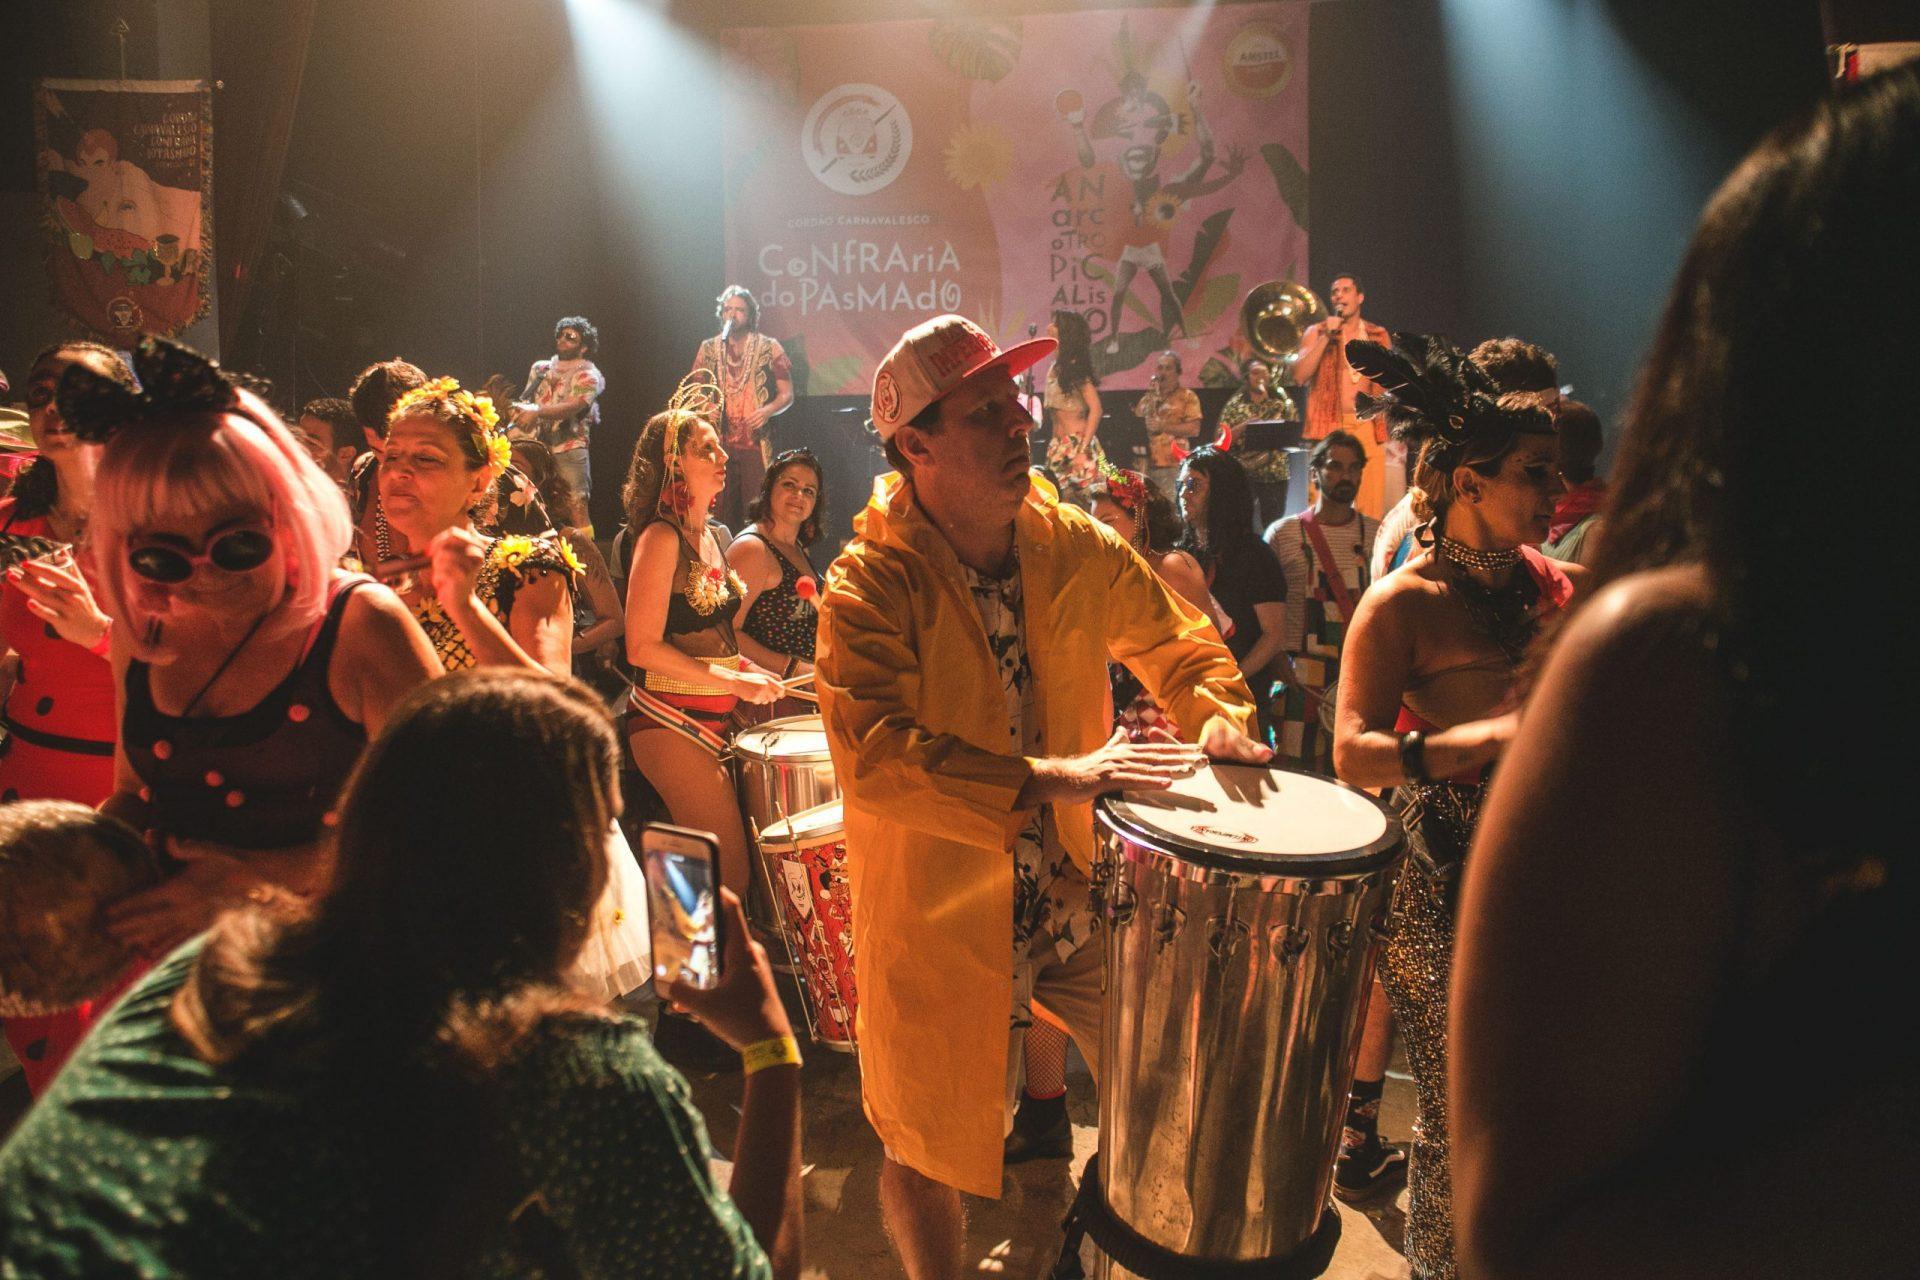 Imagem 15 do Evento Aniversário Confraria do Pasmado